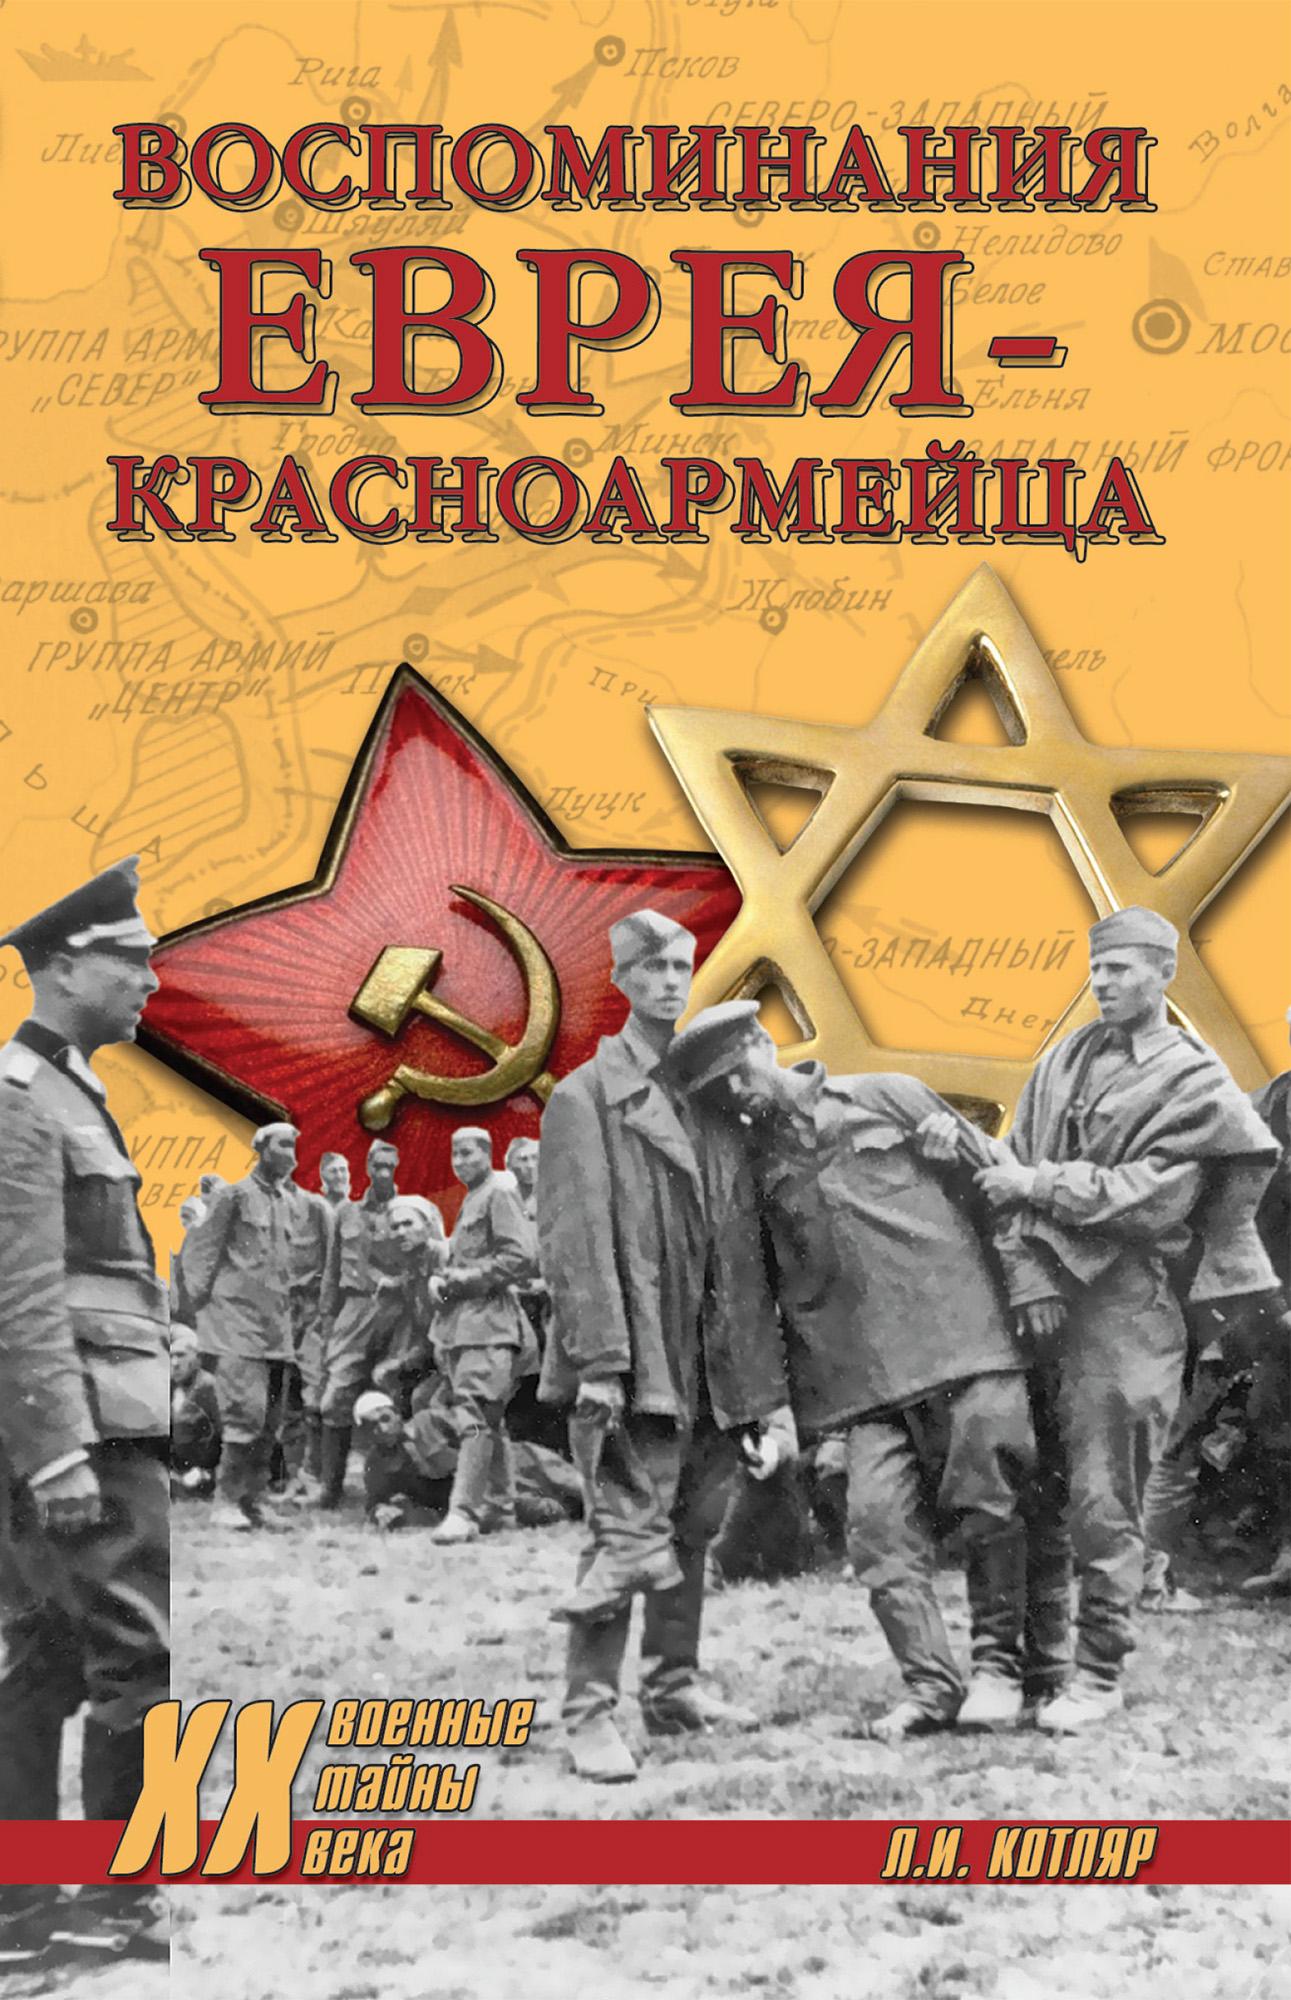 Воспоминания еврея-красноармейца (сборник)